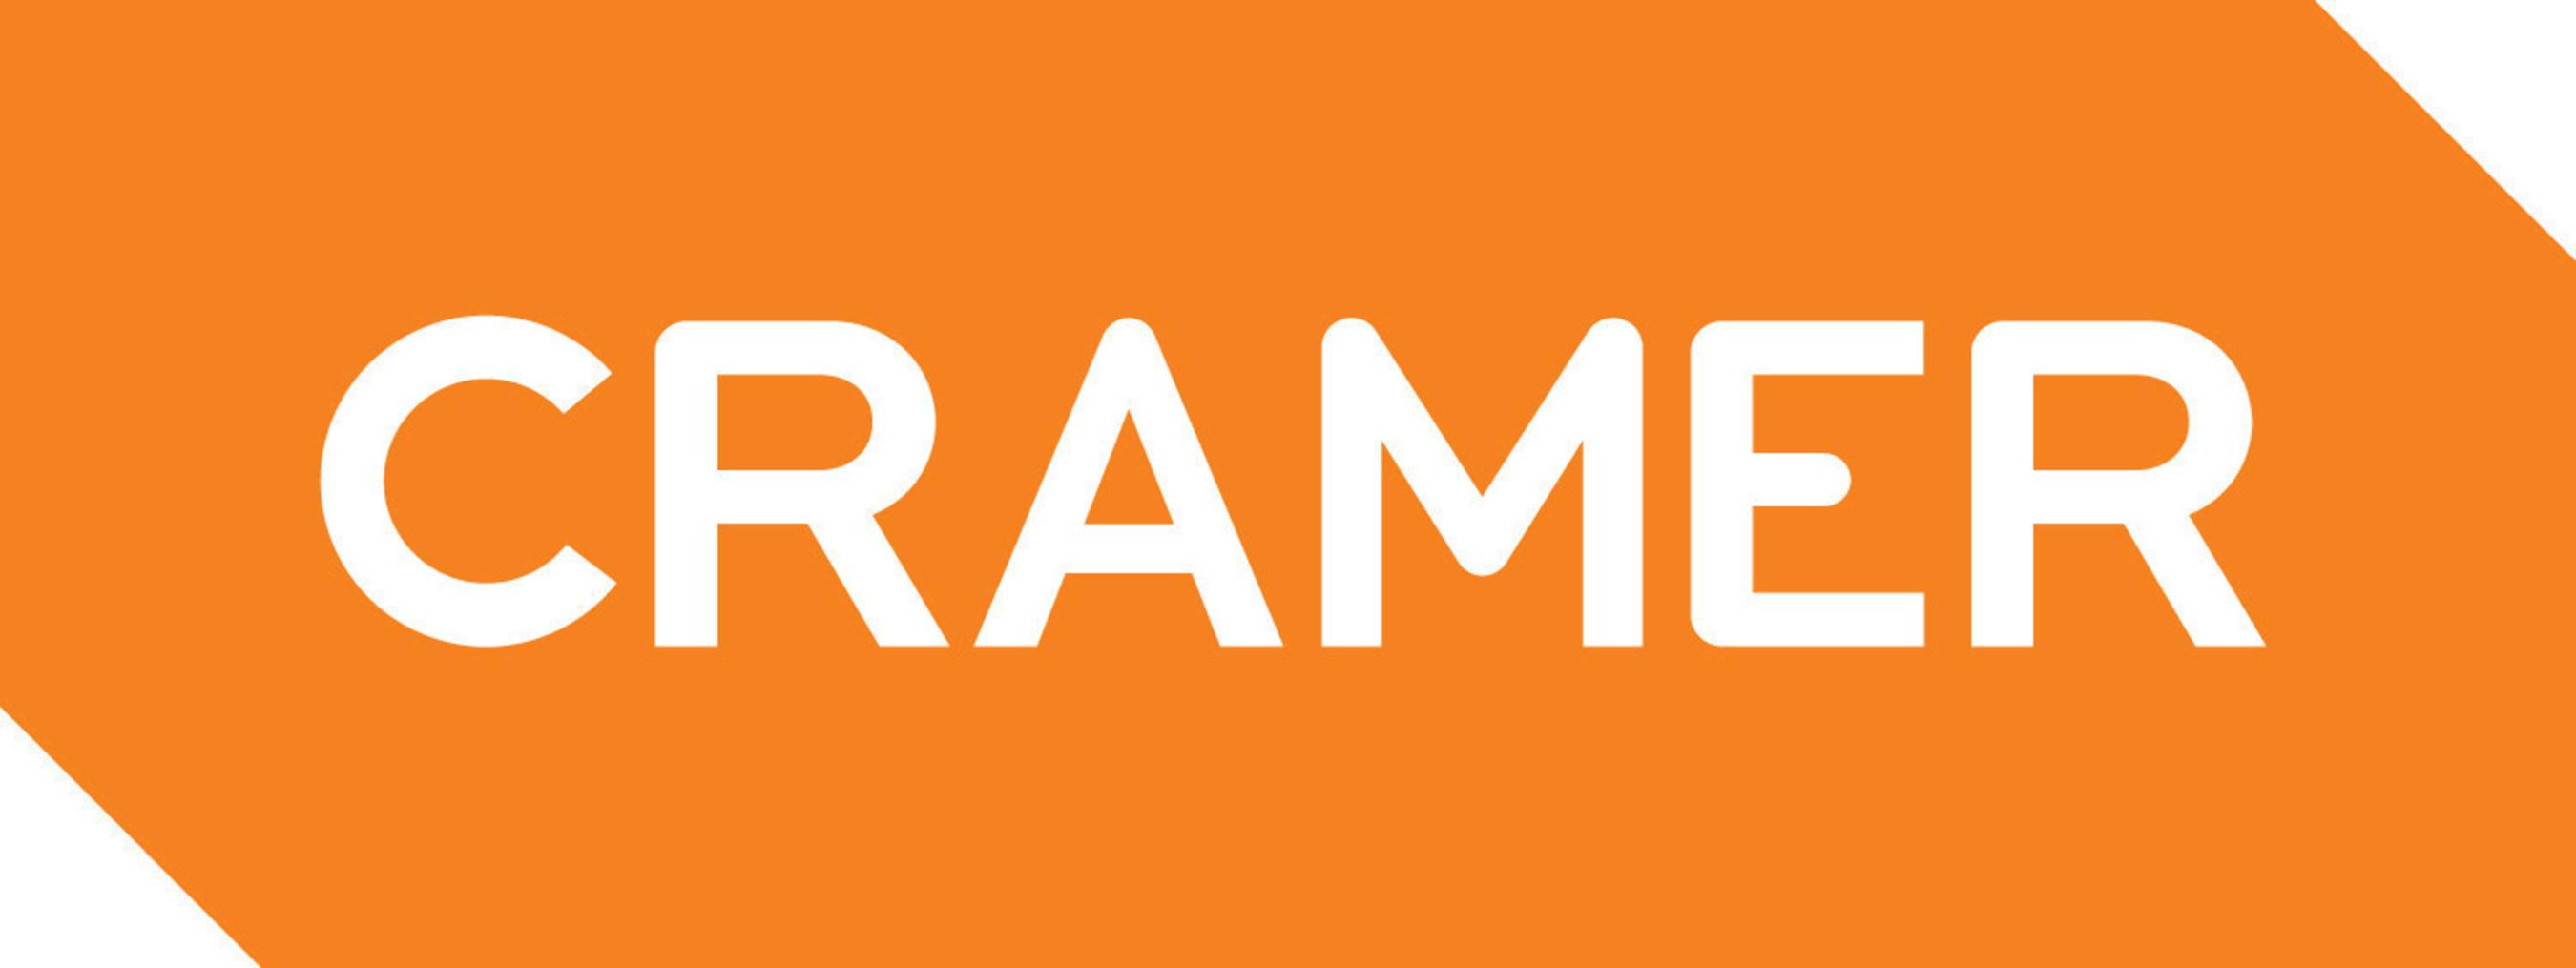 Brand Experience Agency (PRNewsFoto/Cramer)